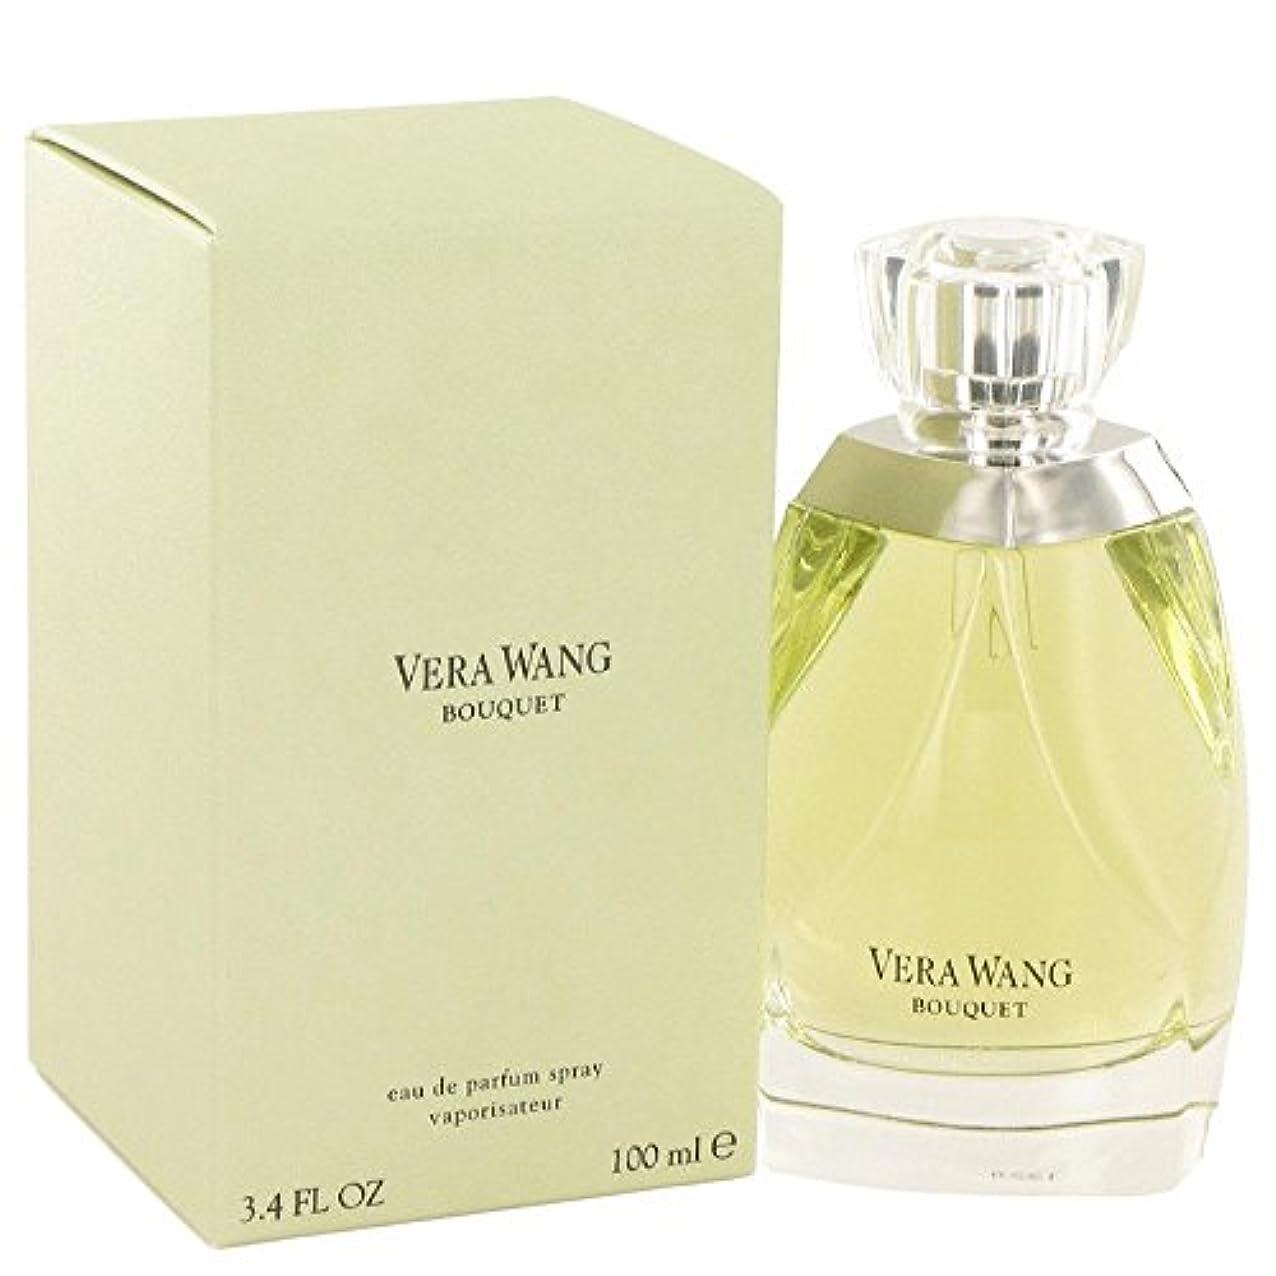 潜在的なあまりにもネックレットVera Wang Bouquet 100ml/3.4oz Eau De Parfum Spray EDP Perfume Fragrance for Her